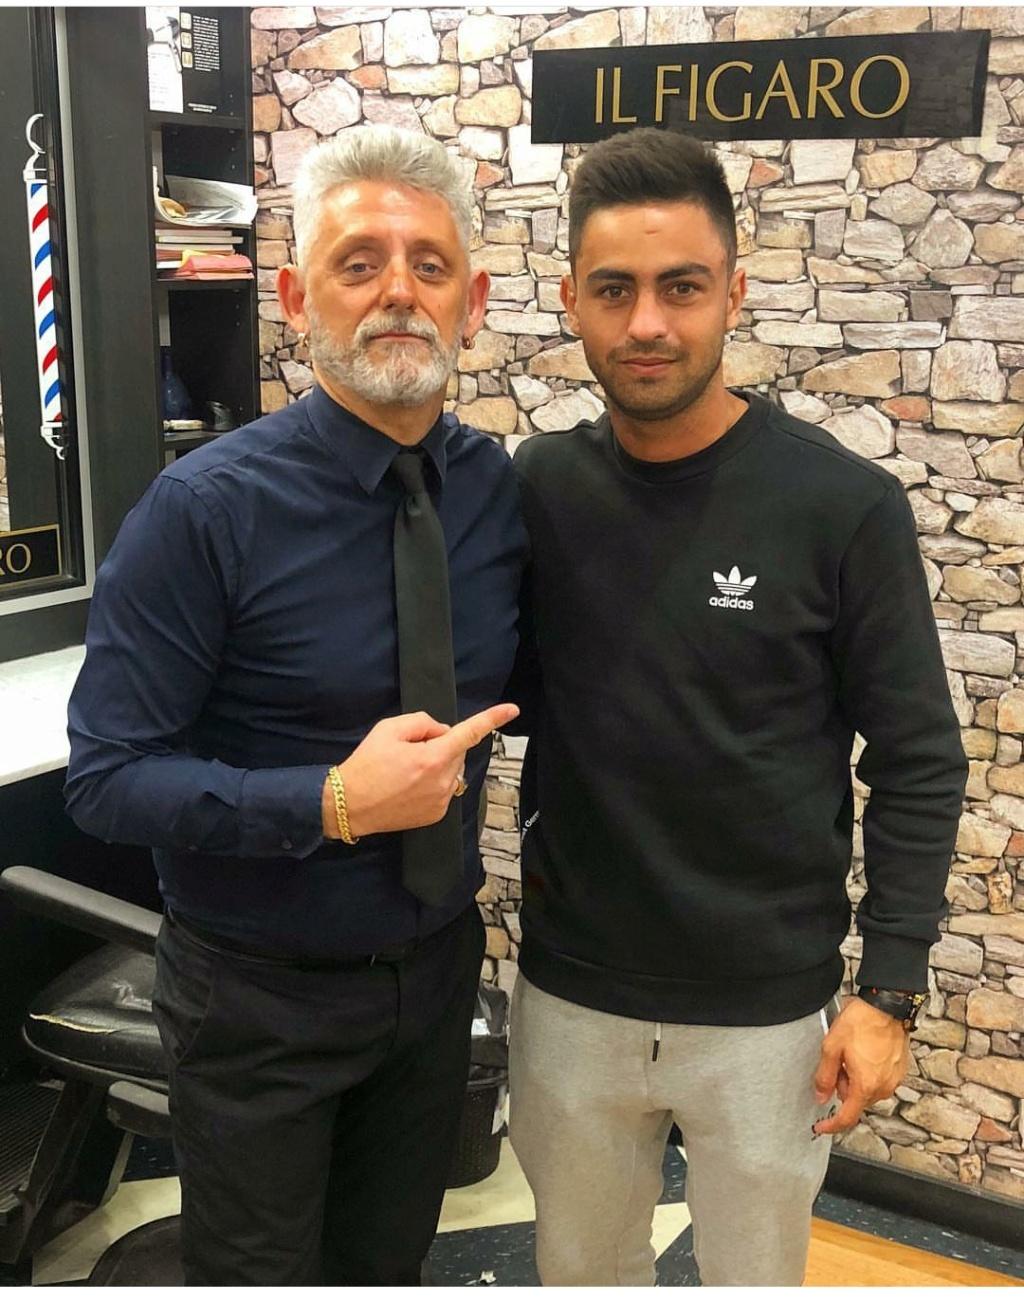 ¿Cuánto mide el peluquero Il Figaro? Img_2116